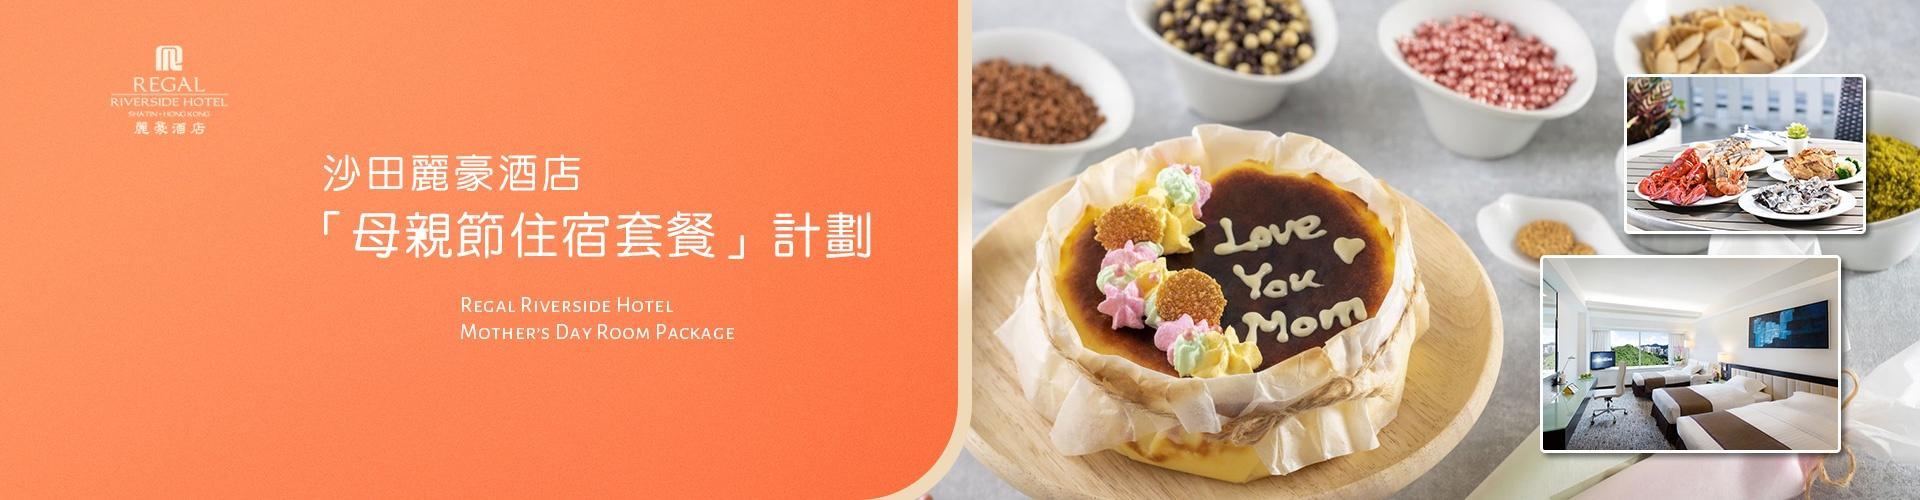 沙田麗豪酒店「母親節住宿套餐」計劃